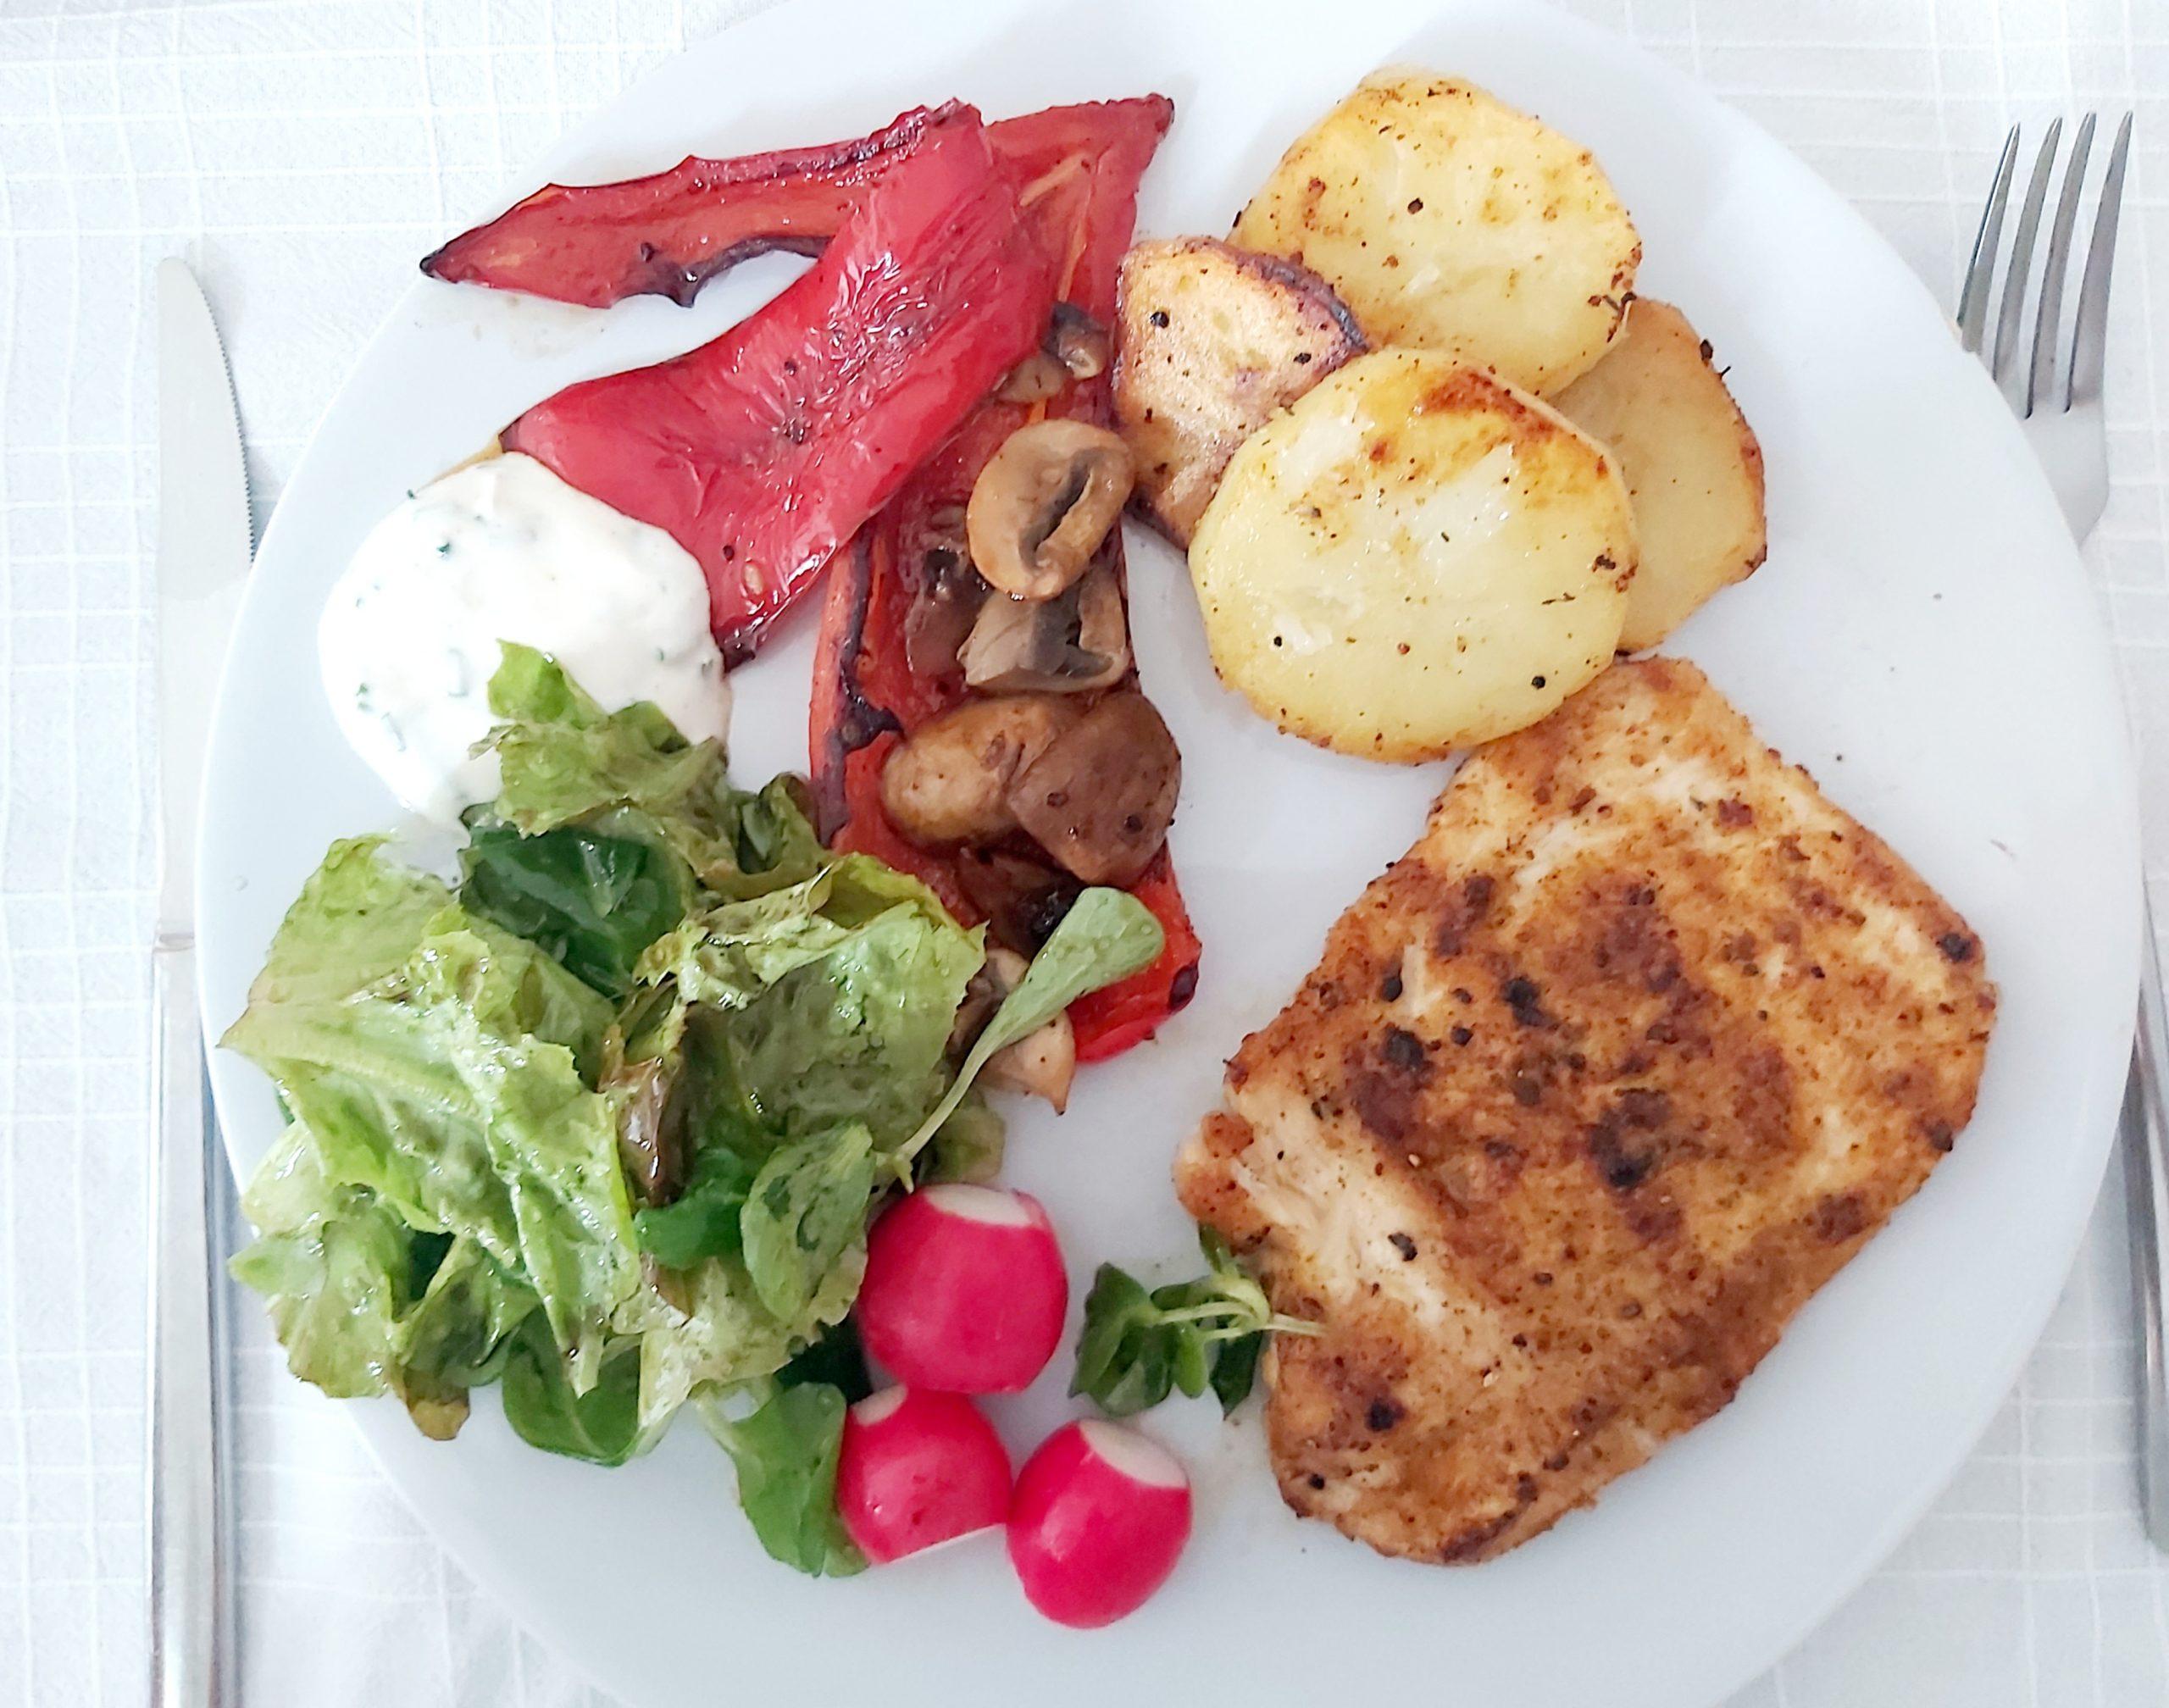 Fitka primjer uravnoteženog obroka. Borba s ugljikohidratima nije vrijedna.